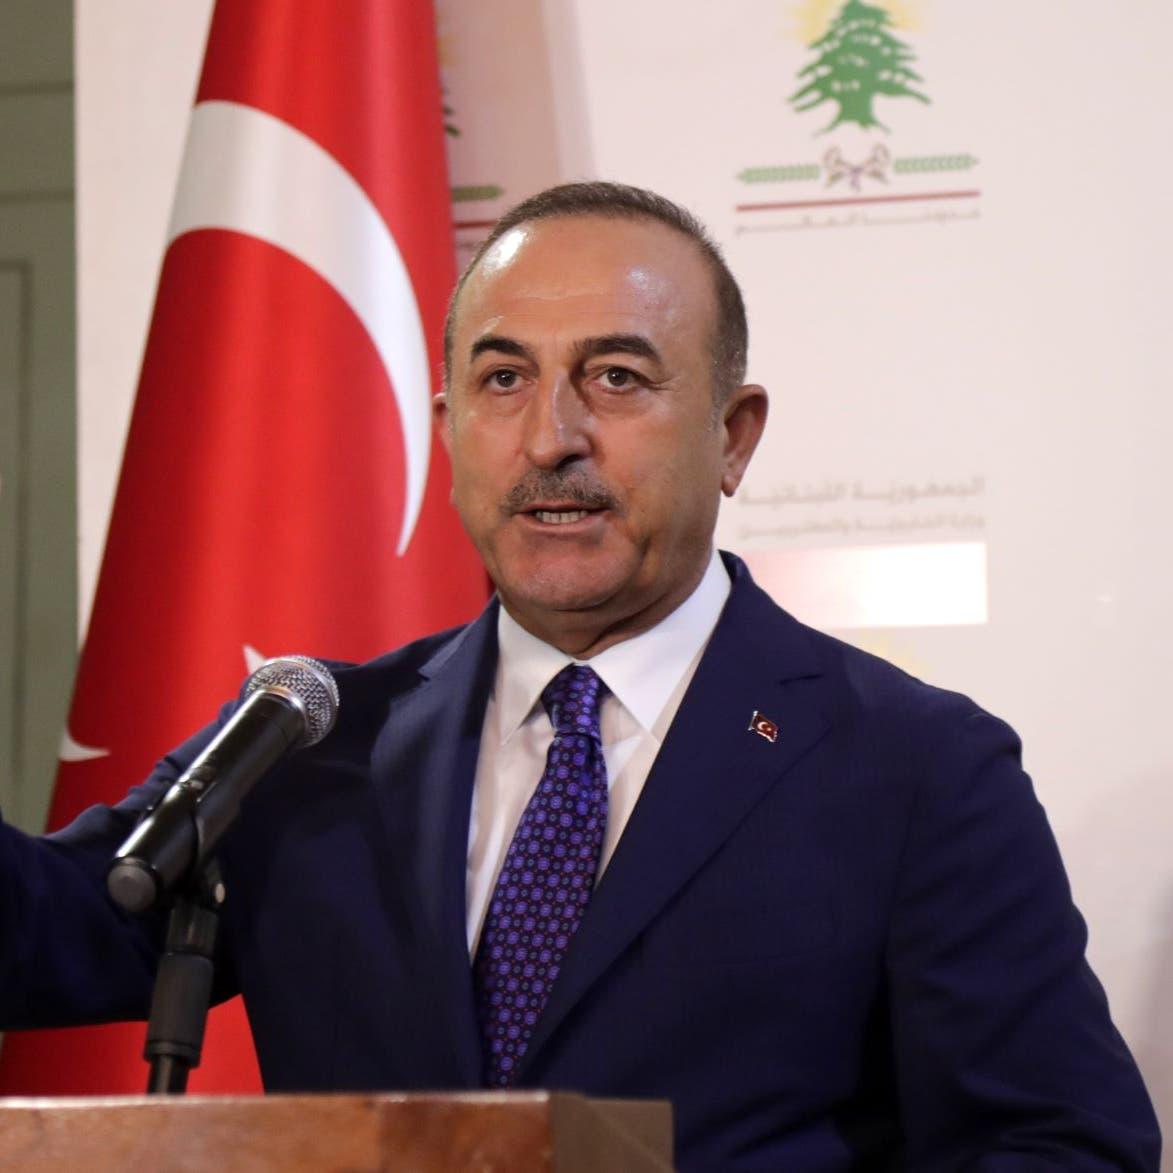 تشاوش أوغلو: تركيا عازمة على تطهير سوريا من الإرهاب